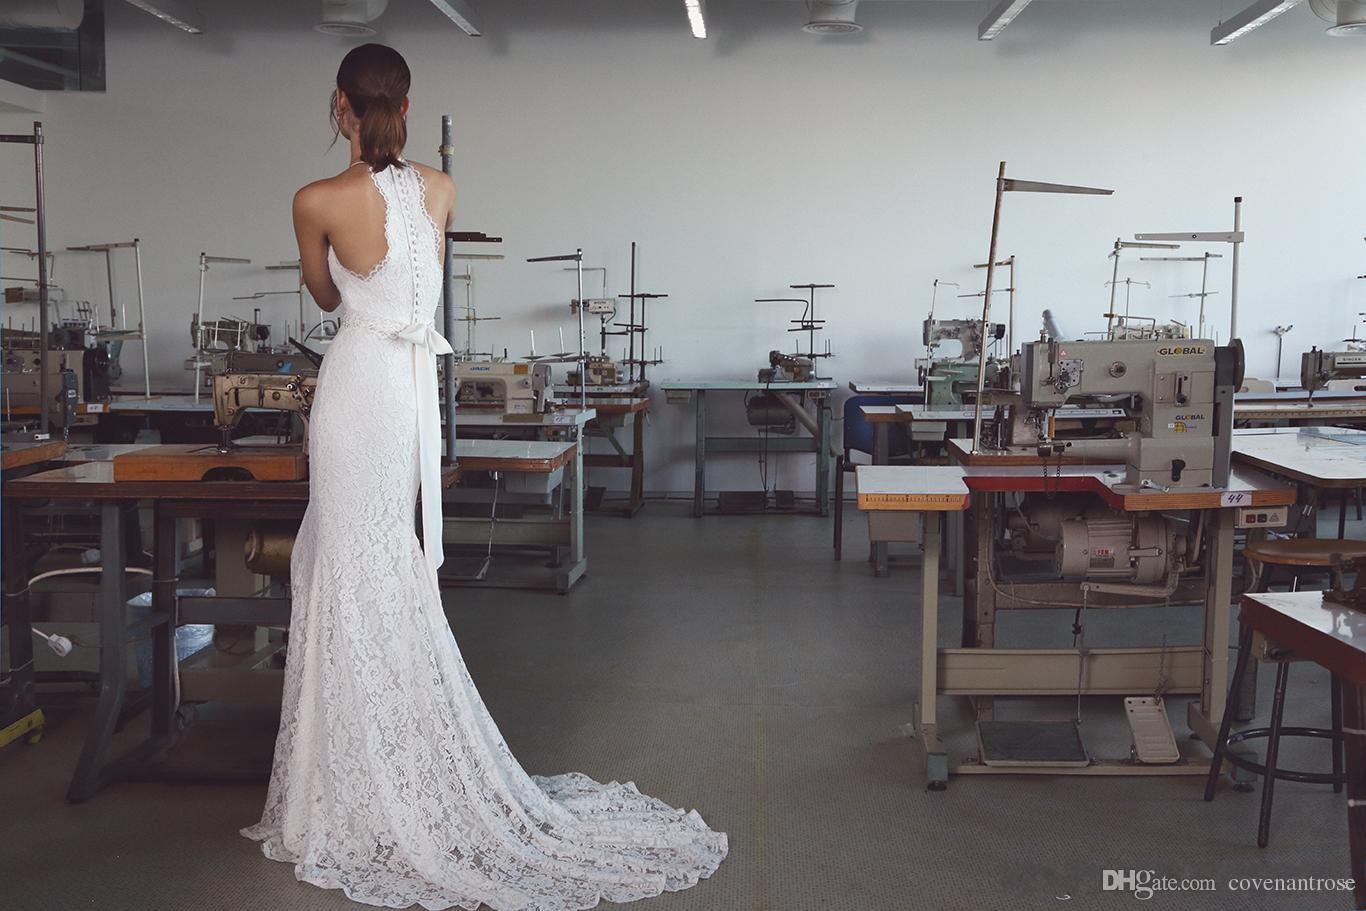 Vintage 2019 robes de mariée sirène Lihi Hod avec Halter cou balayage train entièrement chic élégantes dentelle plage trompette robes de mariée